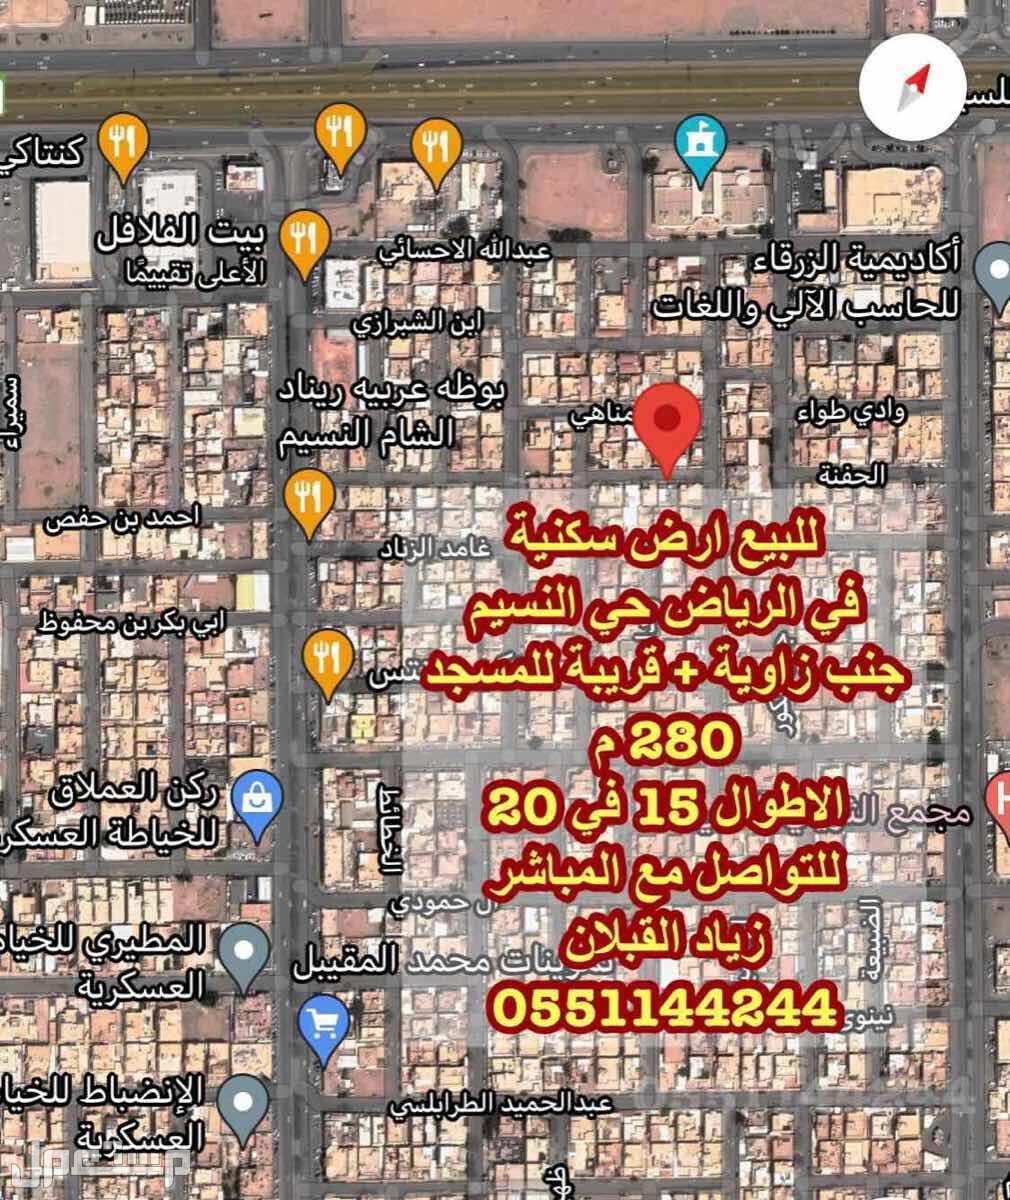 للبيع ارض سكنية في الرياض حي النسيم جنب زاوية